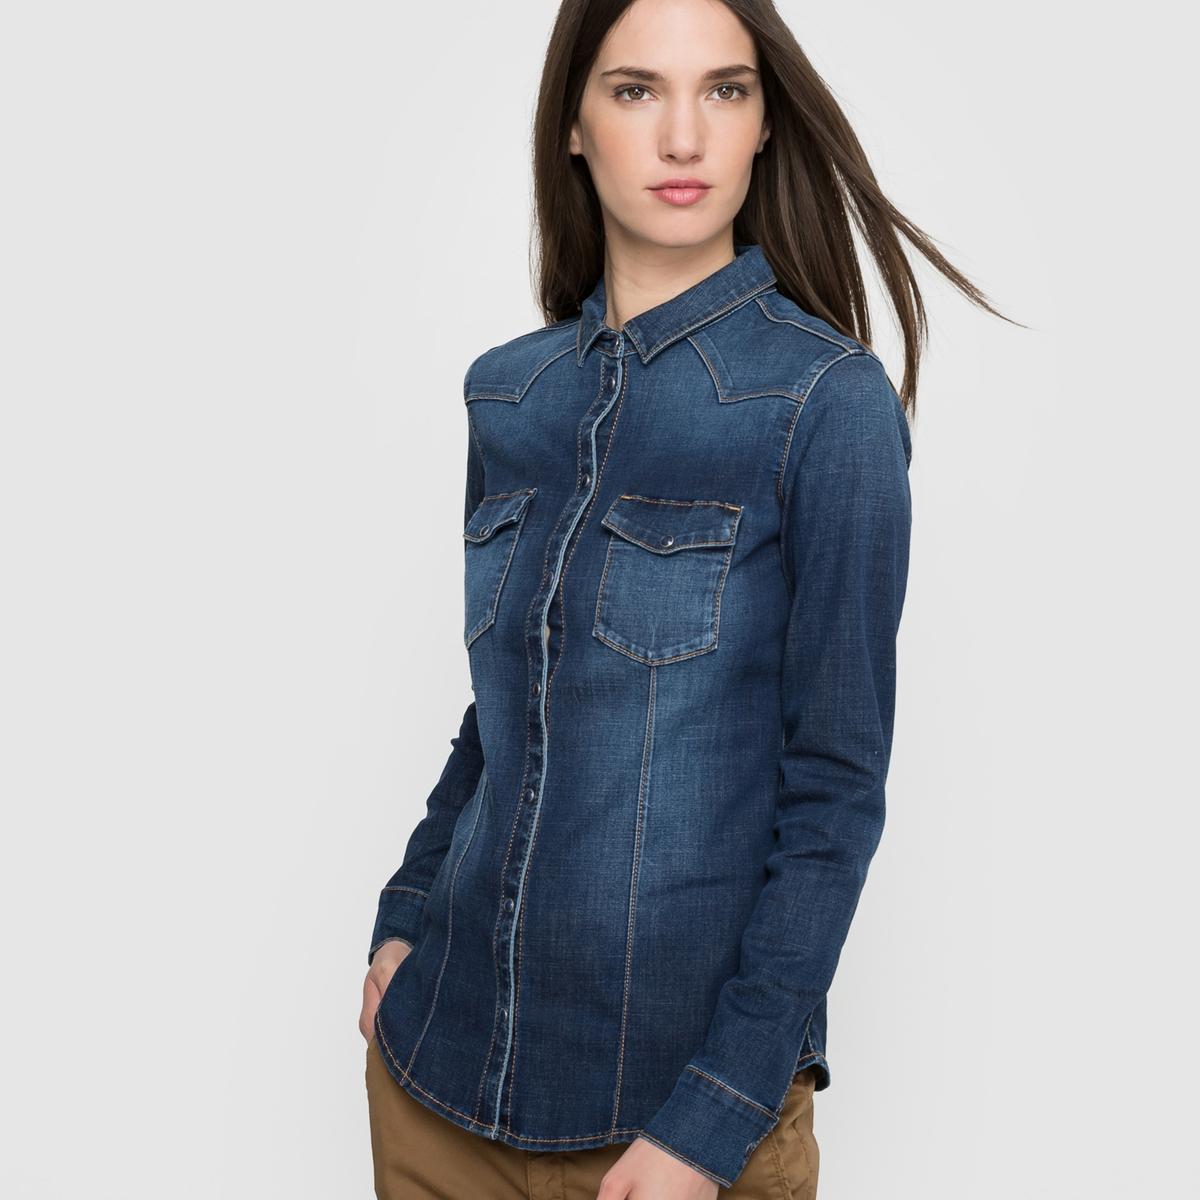 Рубашка джинсовая ESPRITСостав и описаниеМатериал : 62% хлопка, 25% полиэстера, 11% вискозы, 2% эластана Длина : 64 смМарка : ESPRIT.<br><br>Цвет: темно-синий<br>Размер: XL